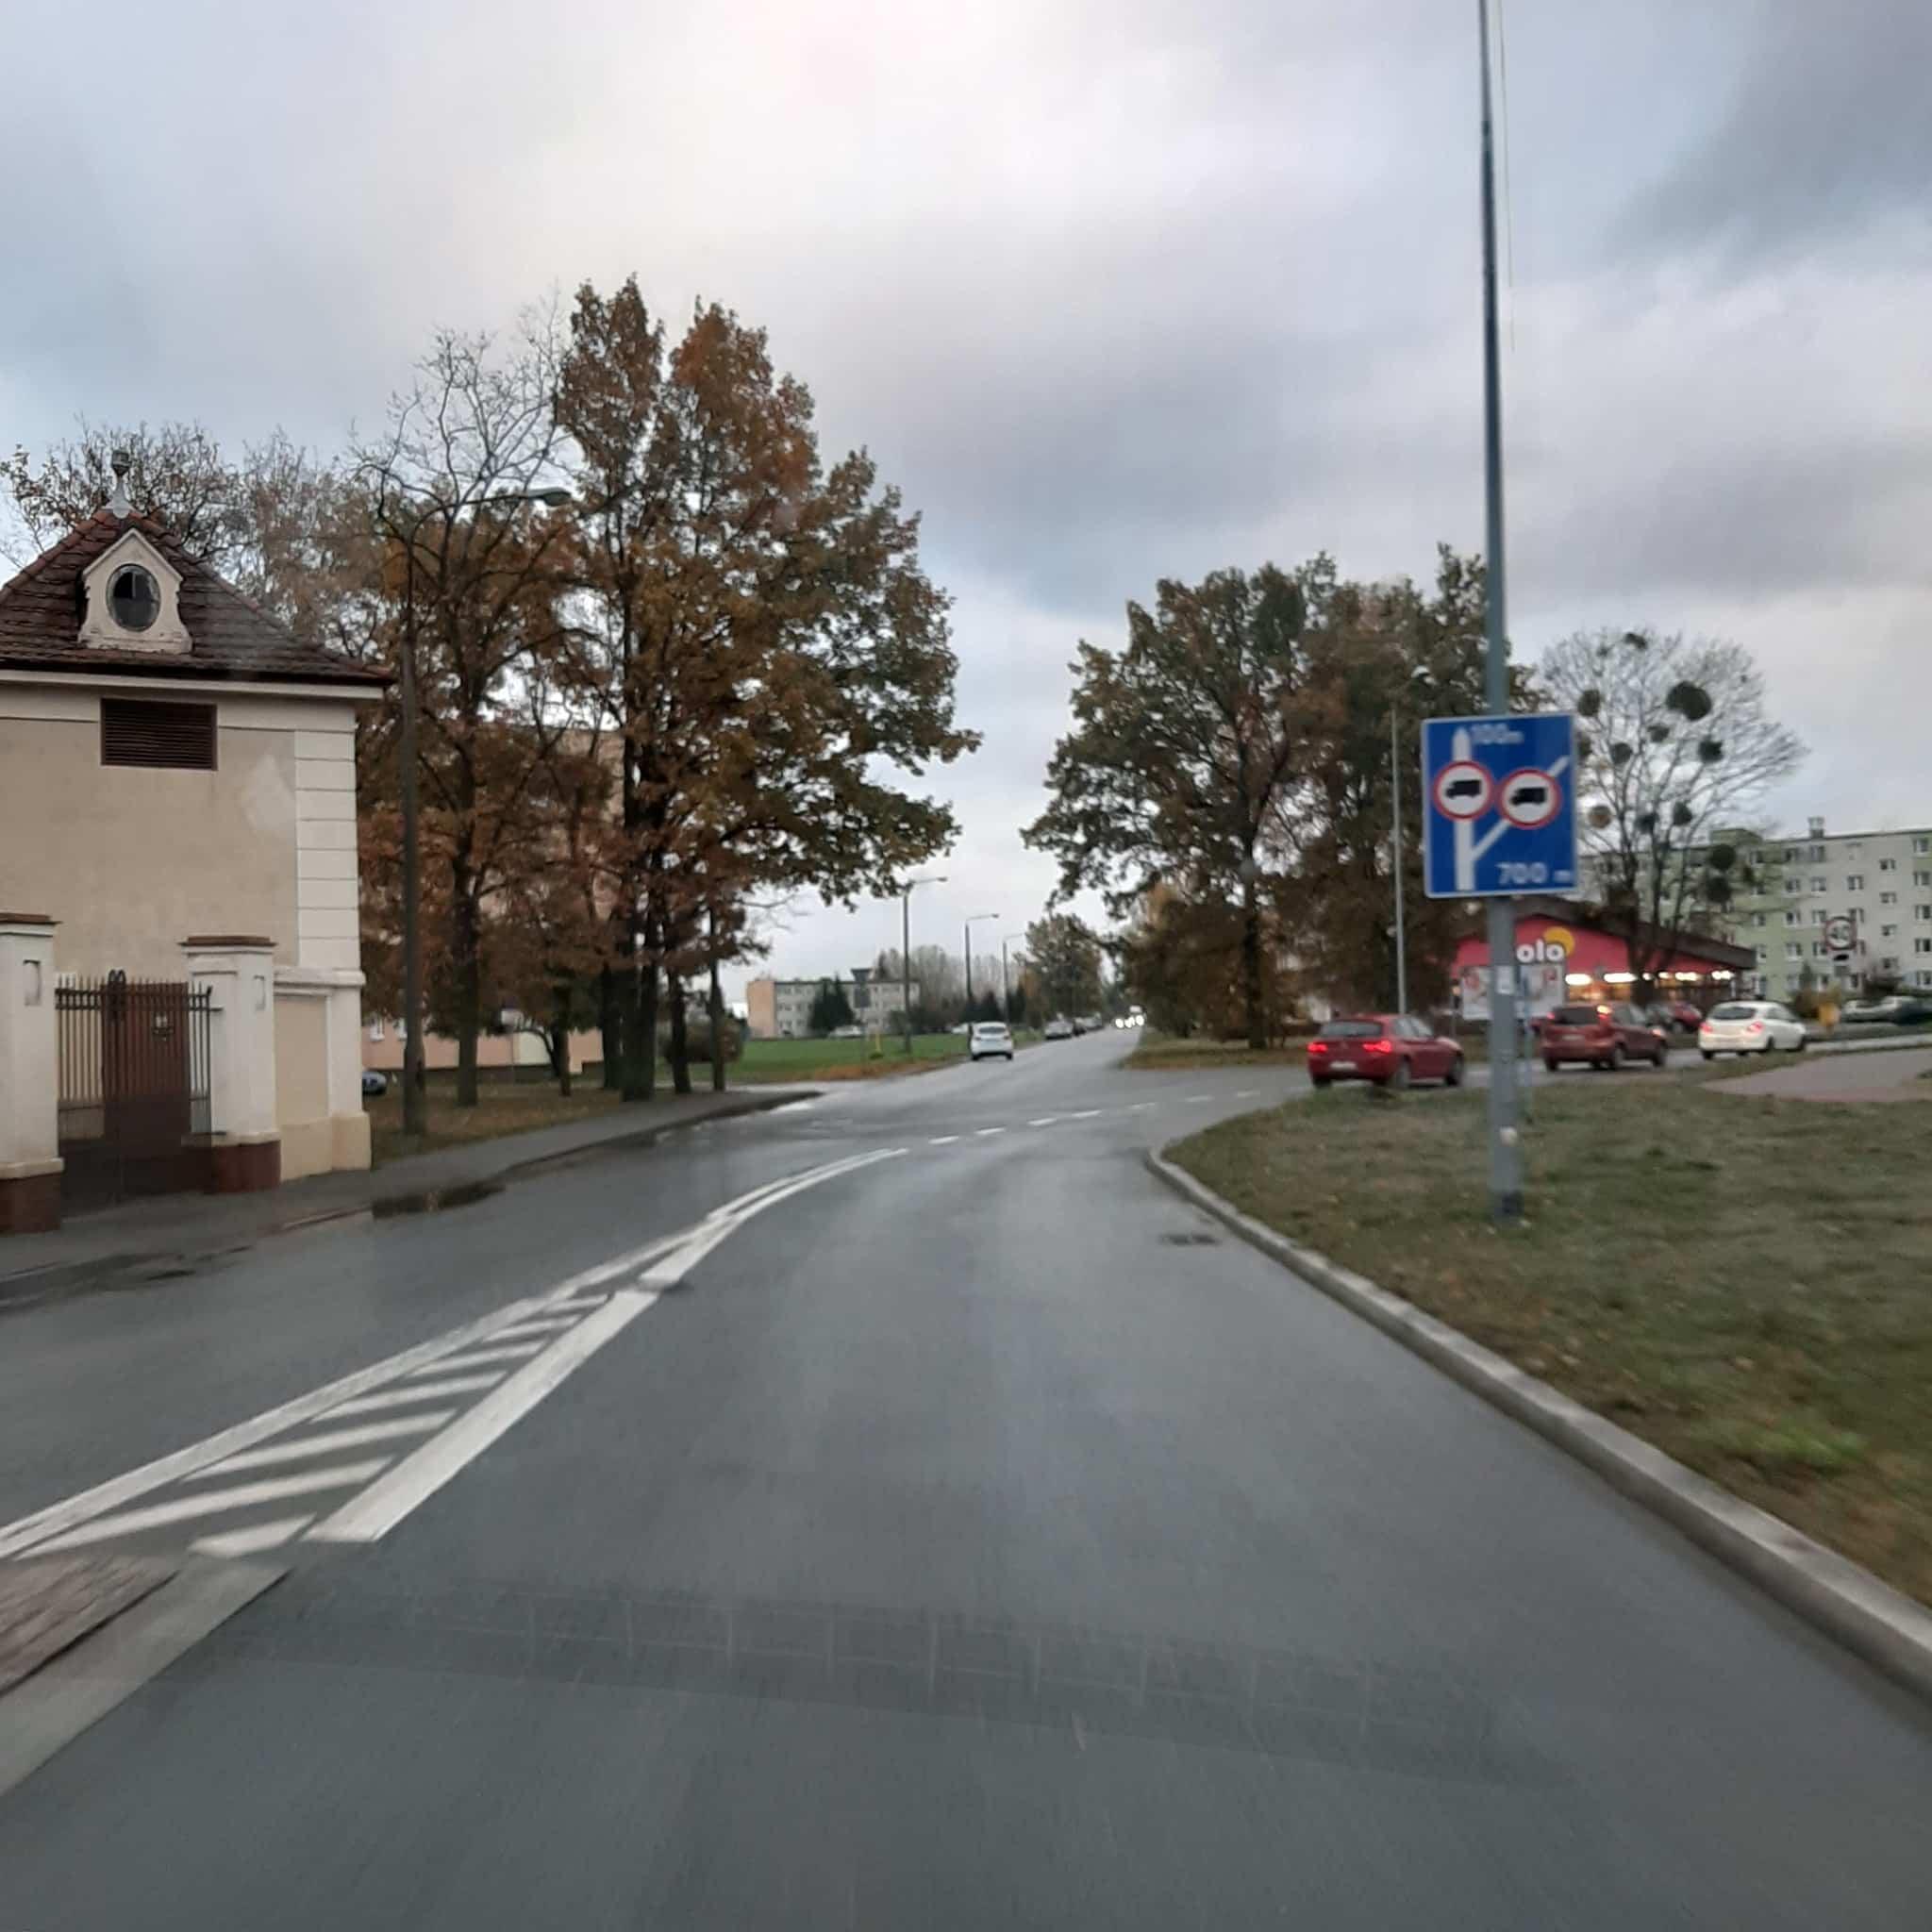 Bus Węgorzewo Niemcy